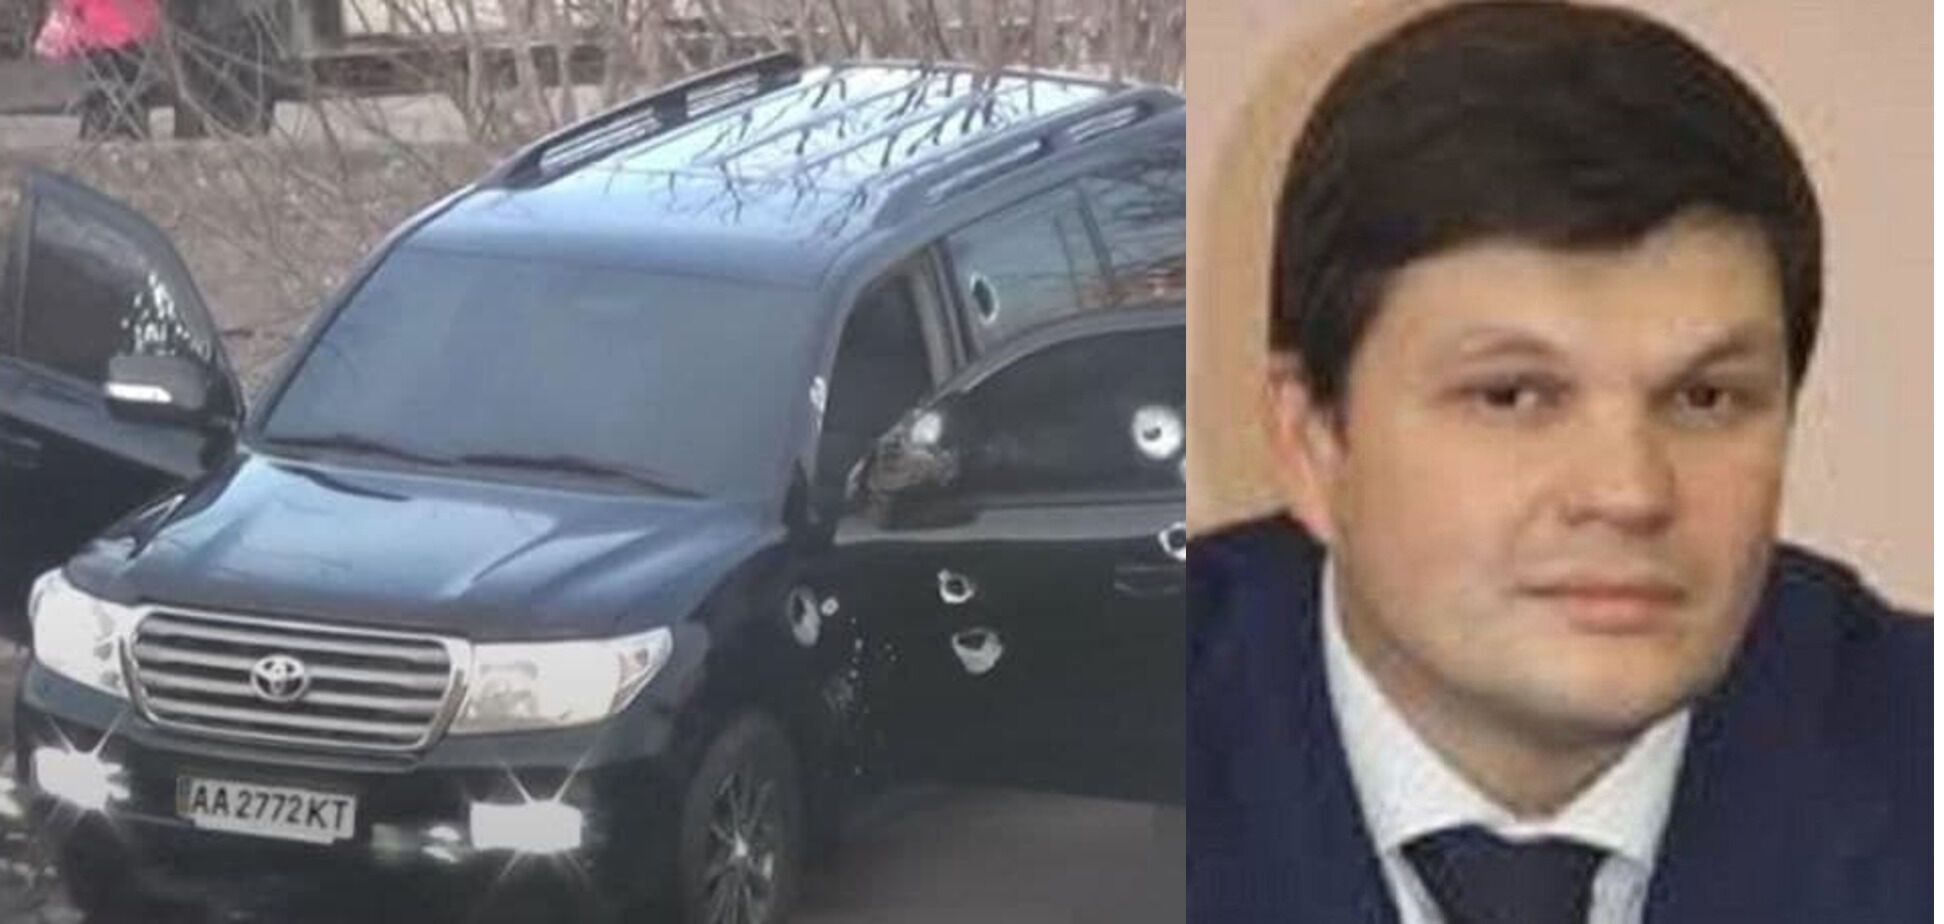 Авто якобы принадлежит Владимиру Вильчинскому.